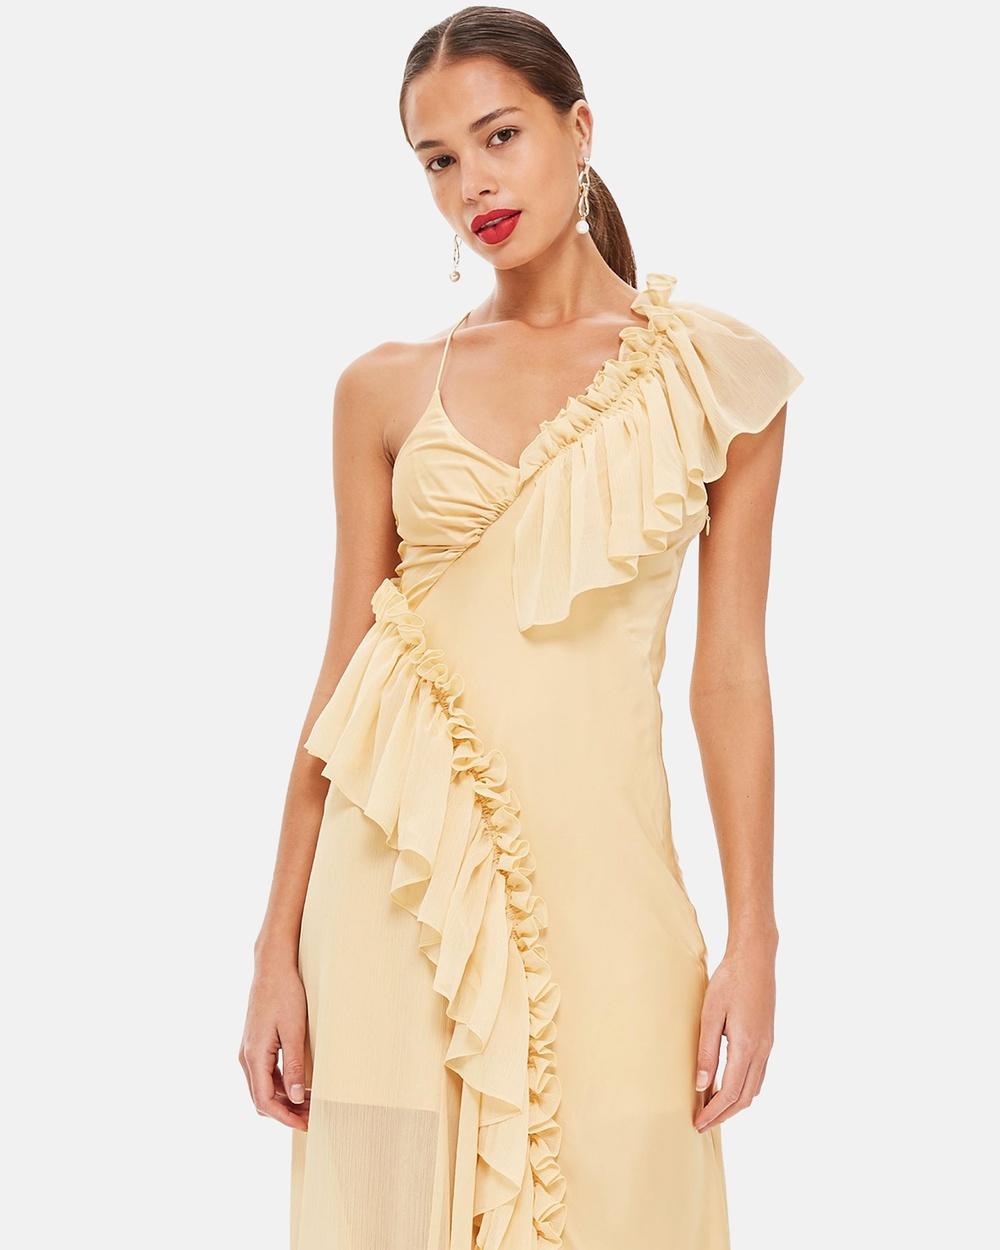 TOPSHOP Solid Maxi Dress Dresses Buttermilk Solid Maxi Dress